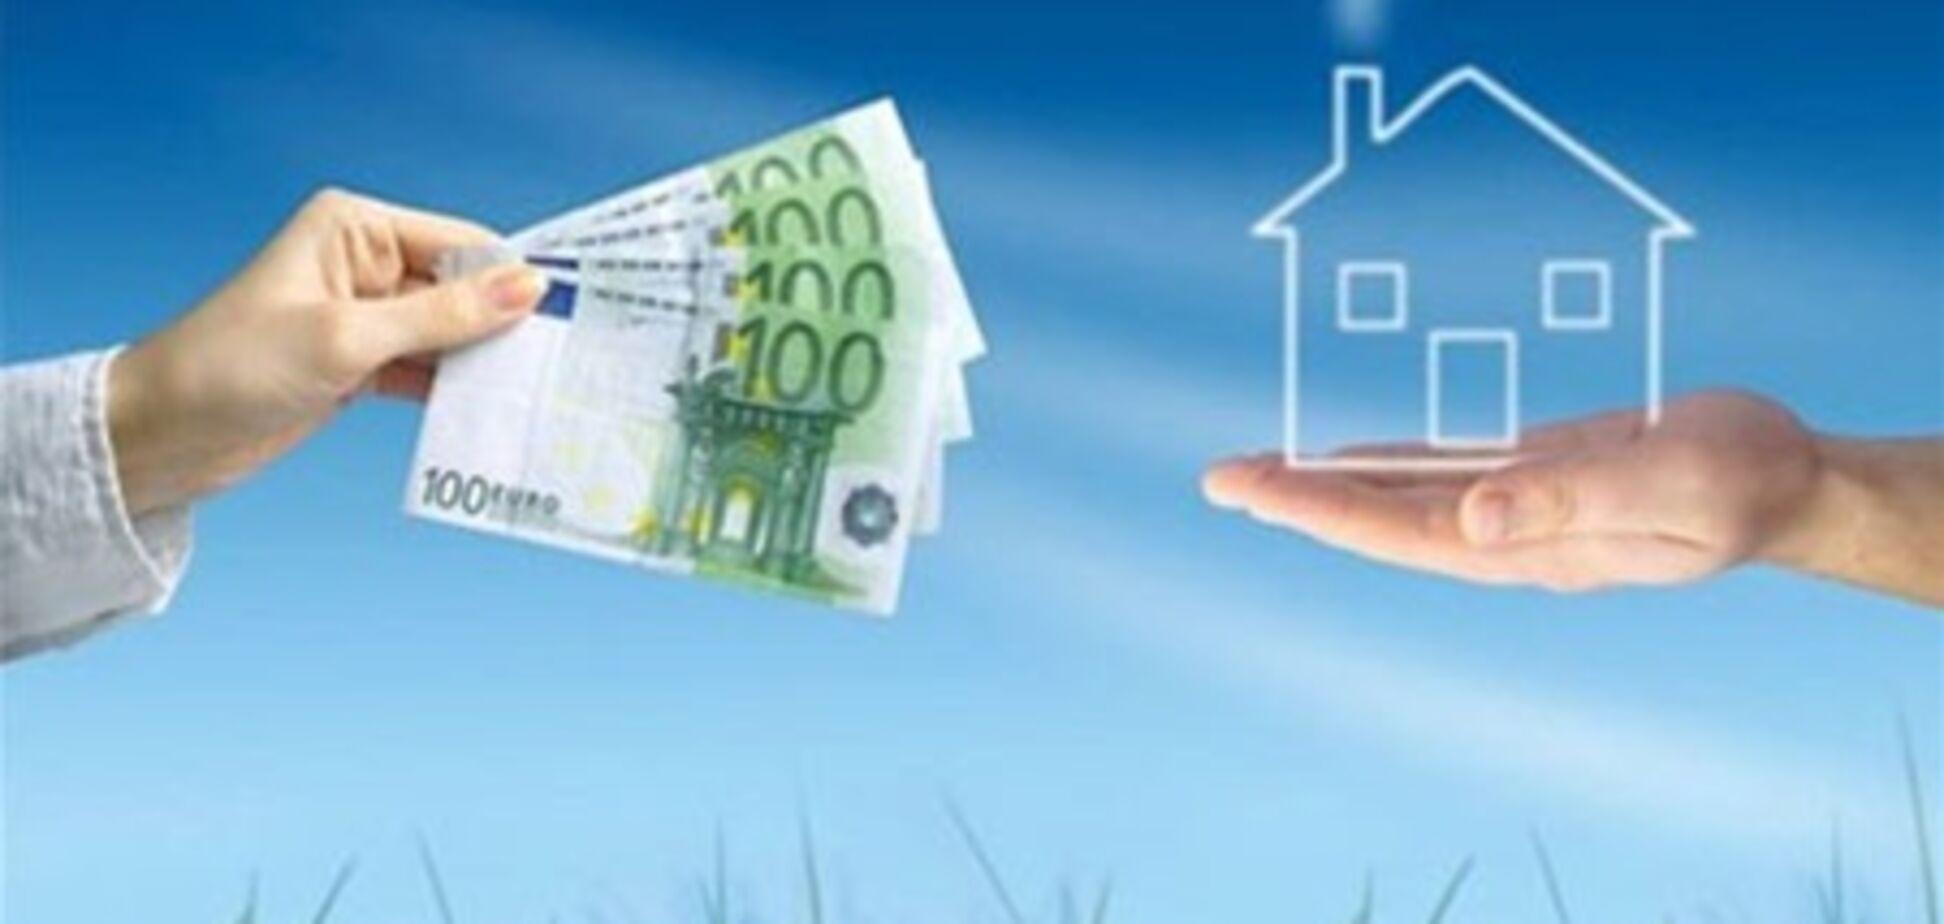 В загородный дом инвестируйте с умом